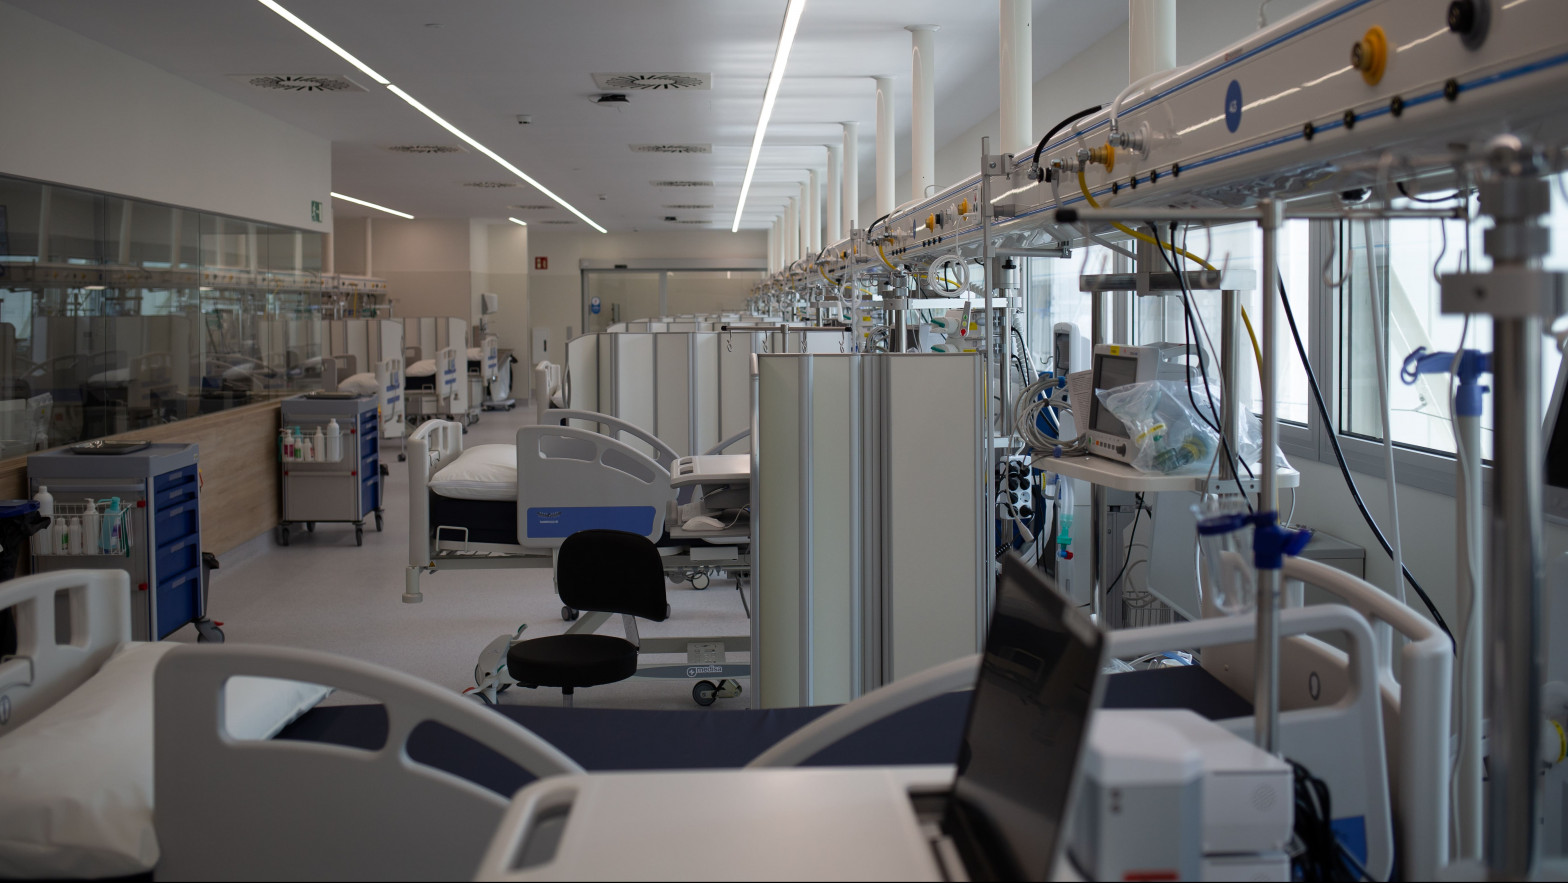 La mortalidad por covid-19 en las UCI sube entre pacientes de 41 a 60 años